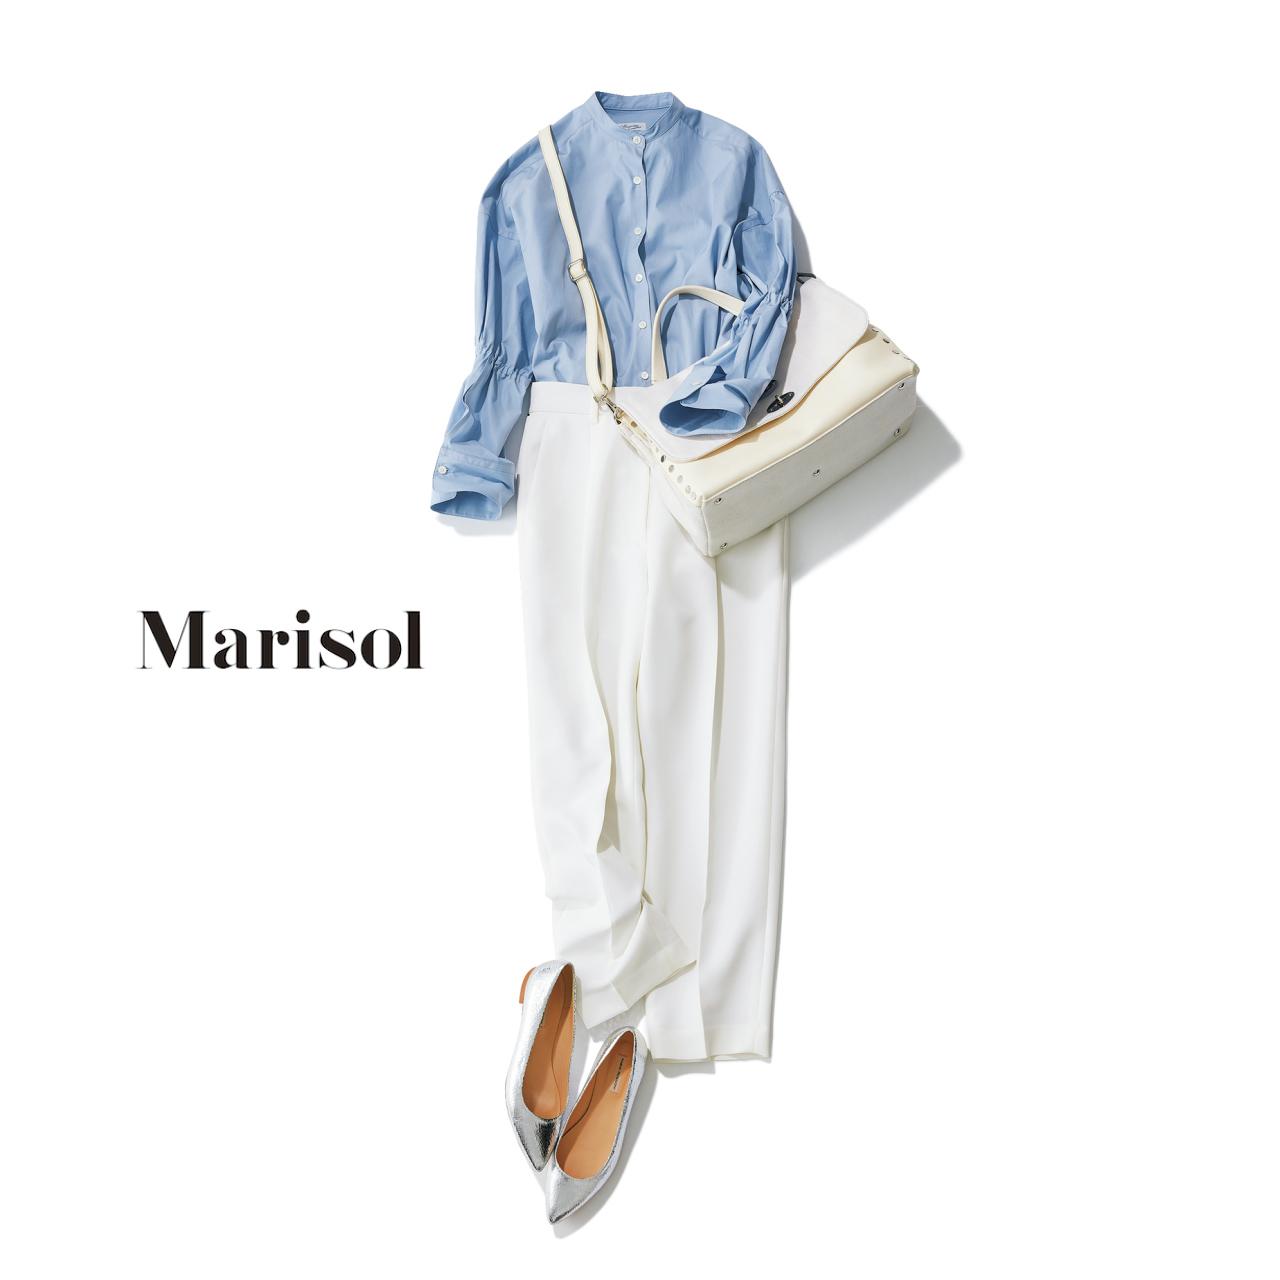 ファッション 袖ギャザーの技ありシャツ×白パンツコーデ